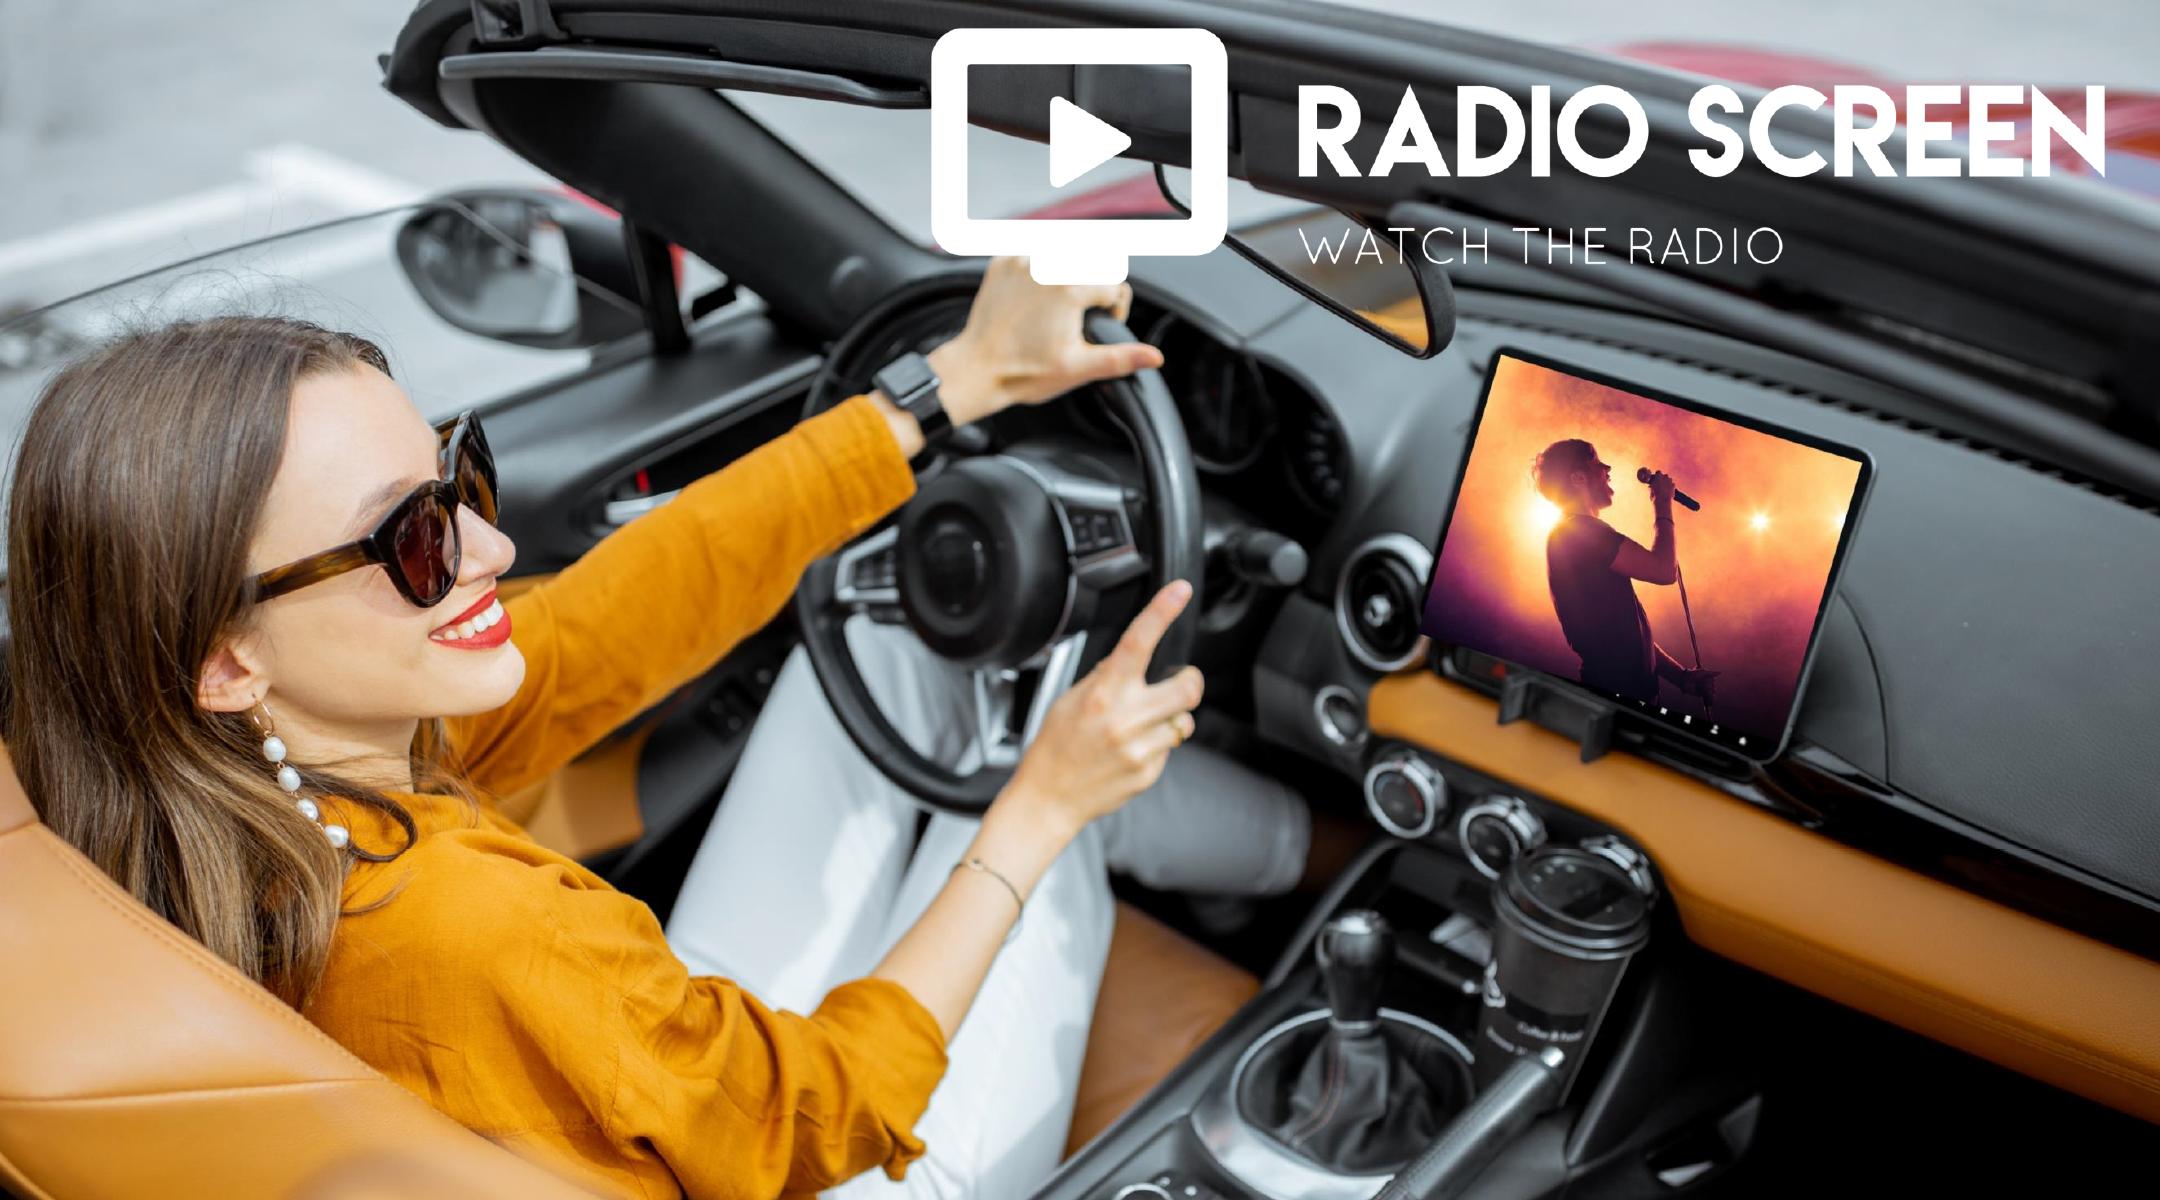 Radio Screen met en image les radios